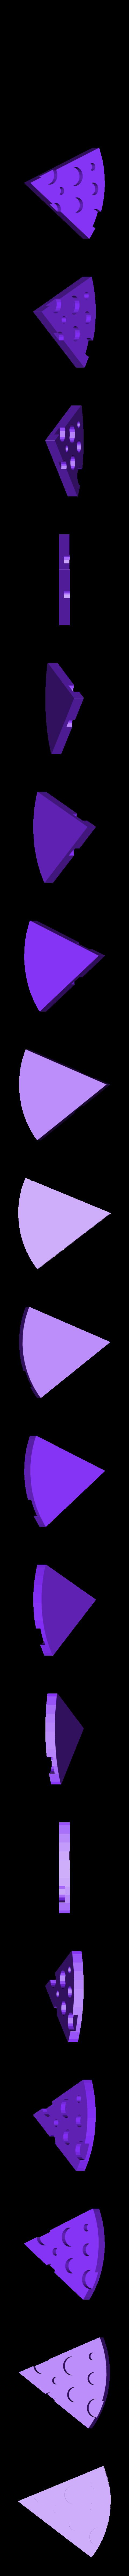 mousetrap-cheese-slice-x-1.stl Télécharger fichier STL gratuit TortureTrap : une extension du piège à souris • Objet pour impression 3D, mrhers2